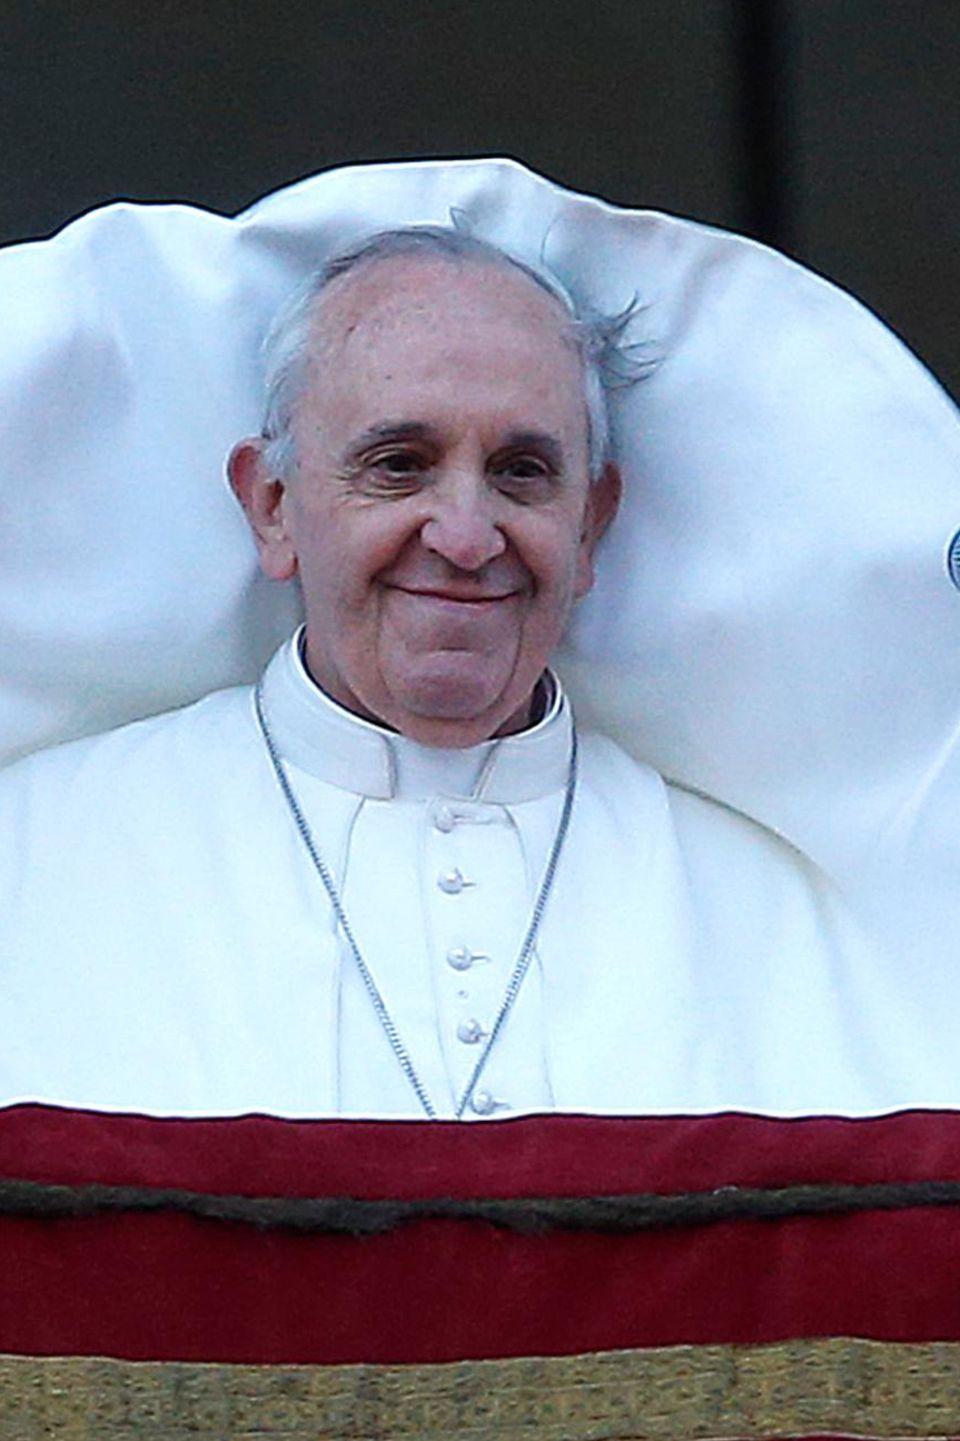 Es ist sehr windig auf dem Petersplatz im Rom. Papst Franziskus nimmt sein Kleidungsmalheur aber mit Humor.